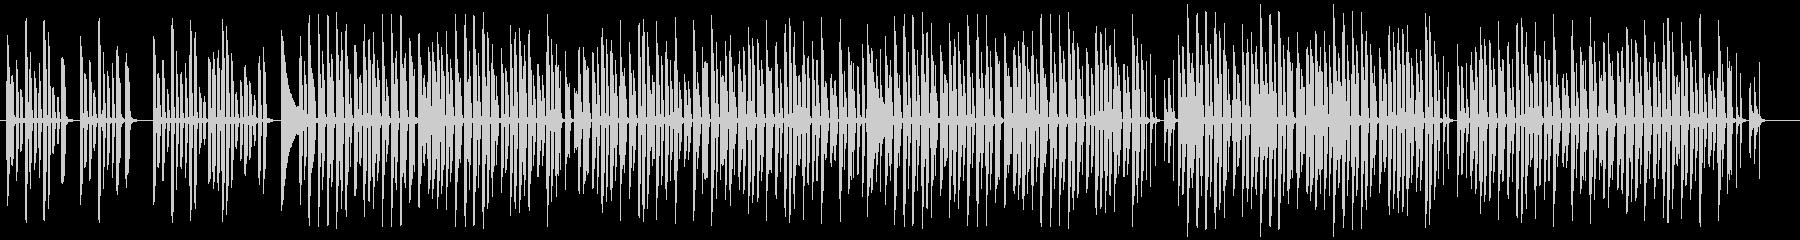 脱力系ほのぼの愉快なBGMの未再生の波形